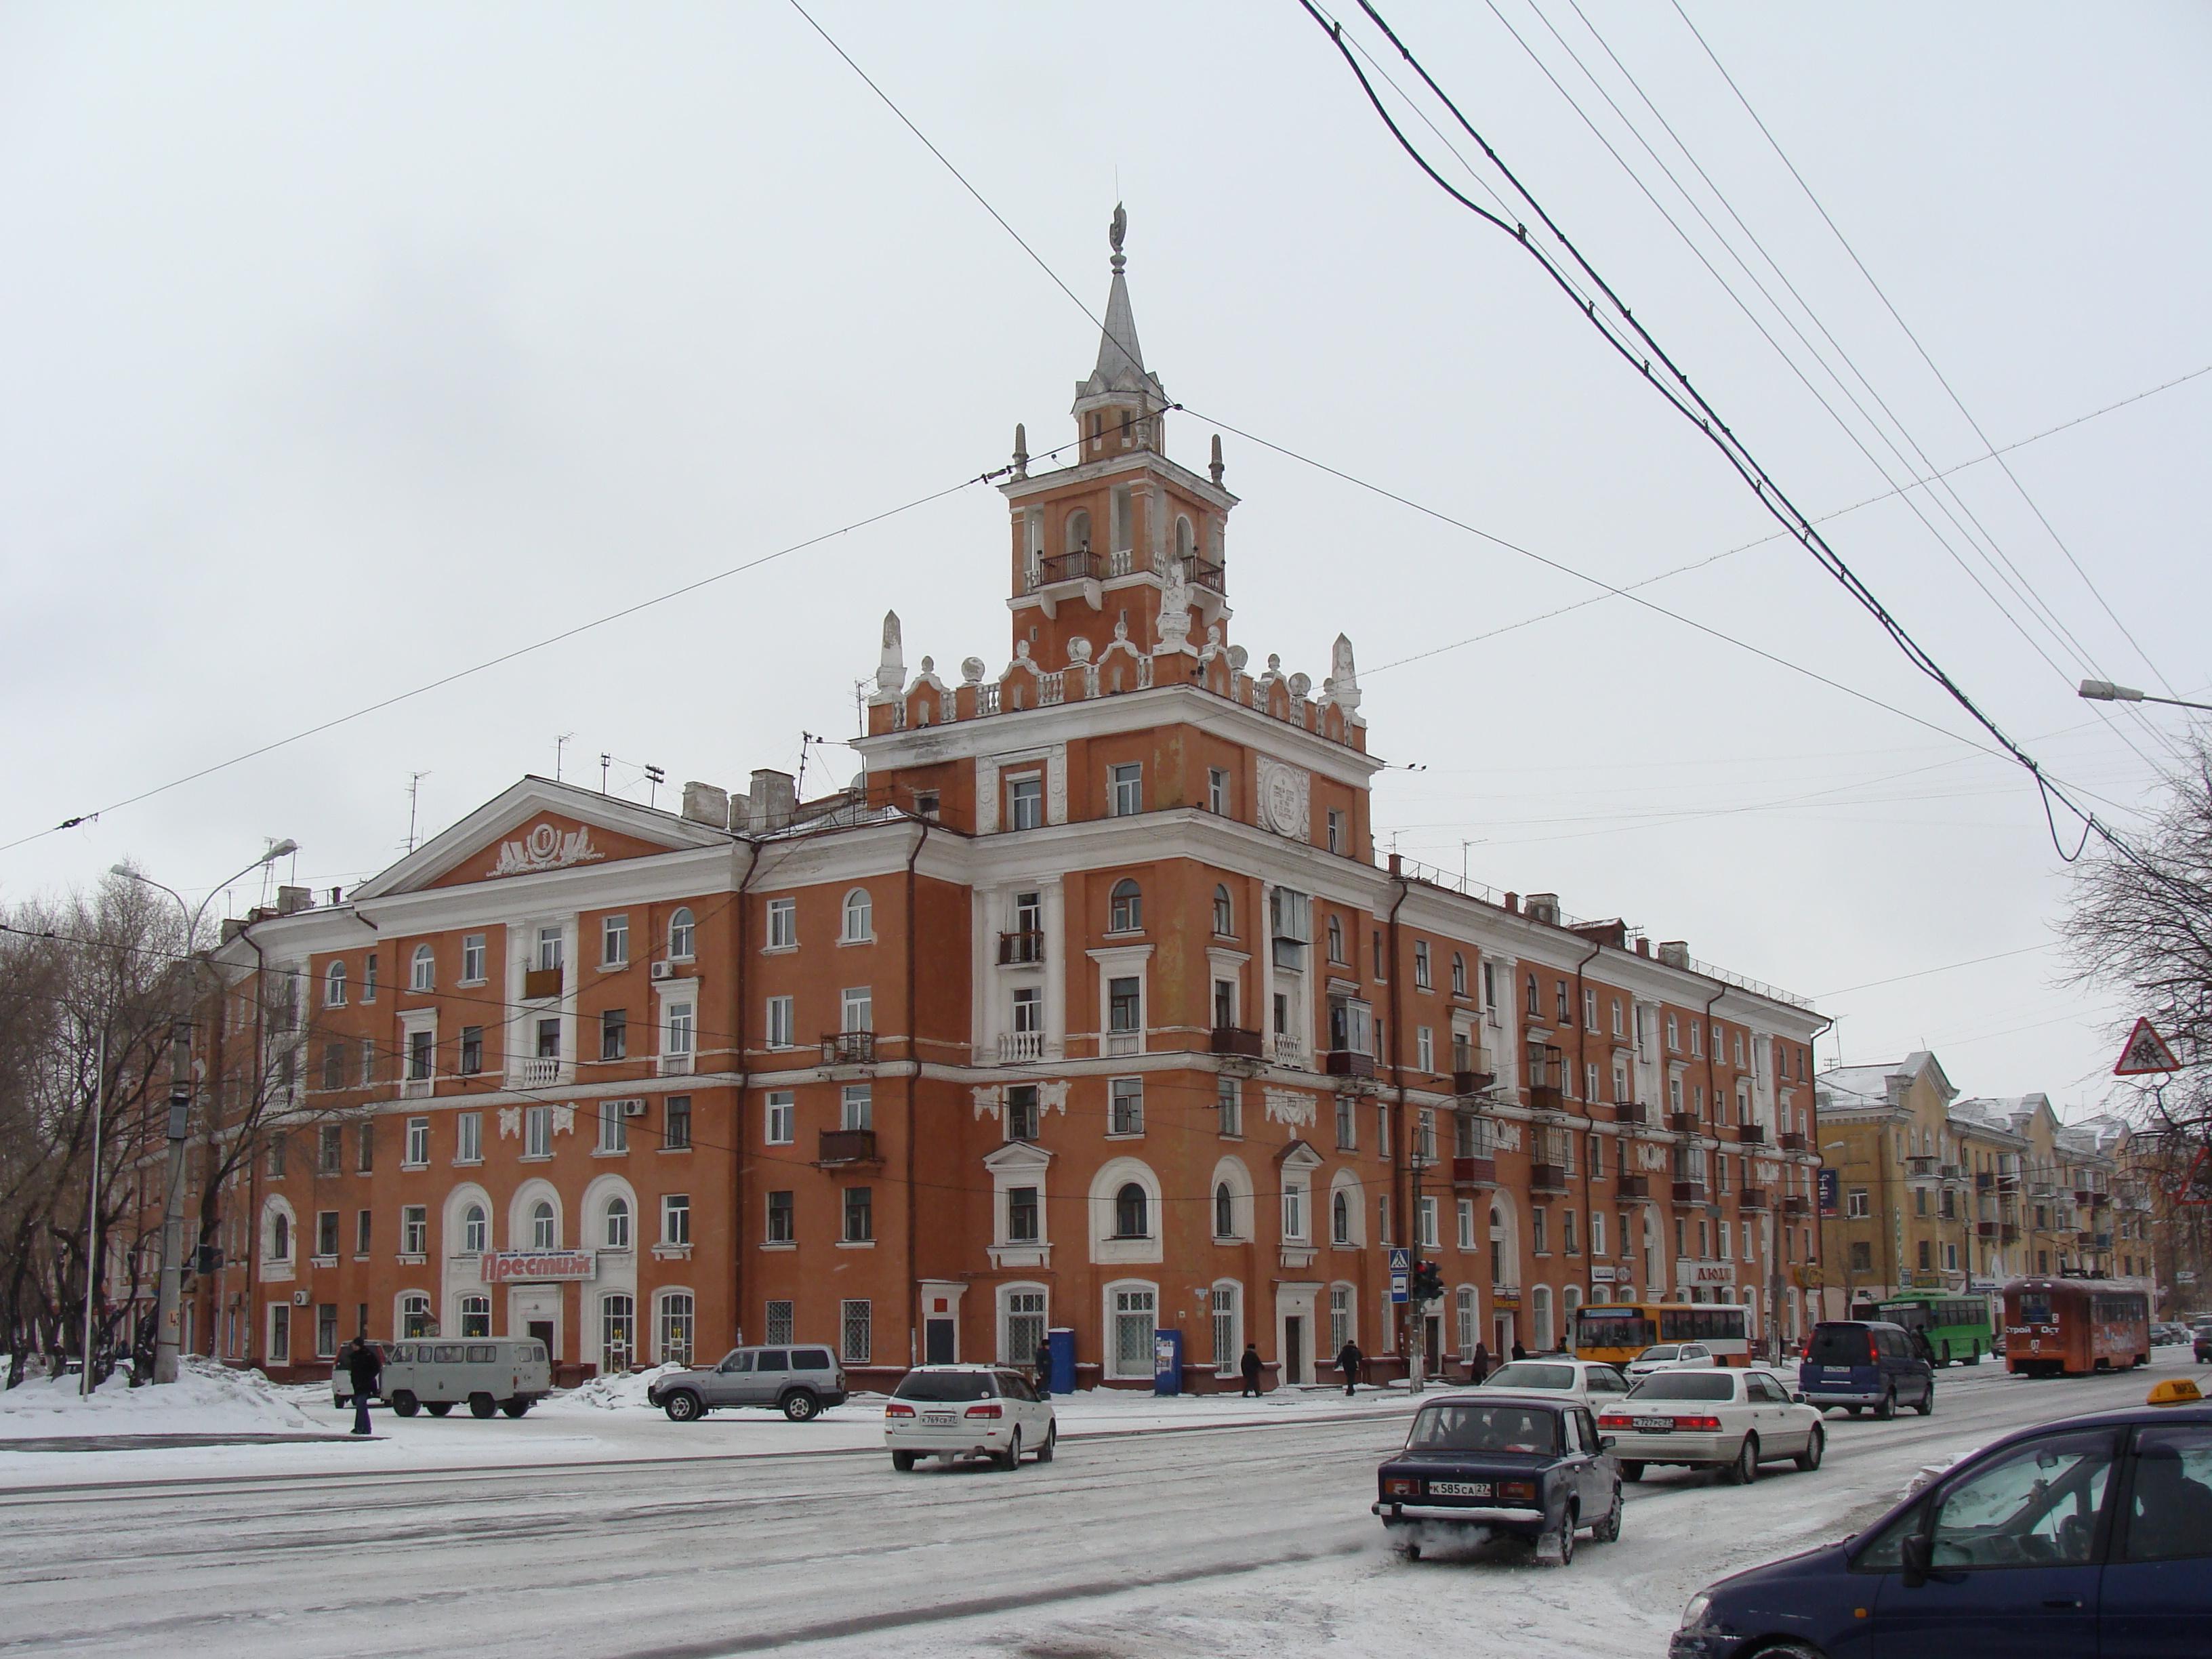 роял кредит банк комсомольск-на-амуре быстроденьги взял и не отдал